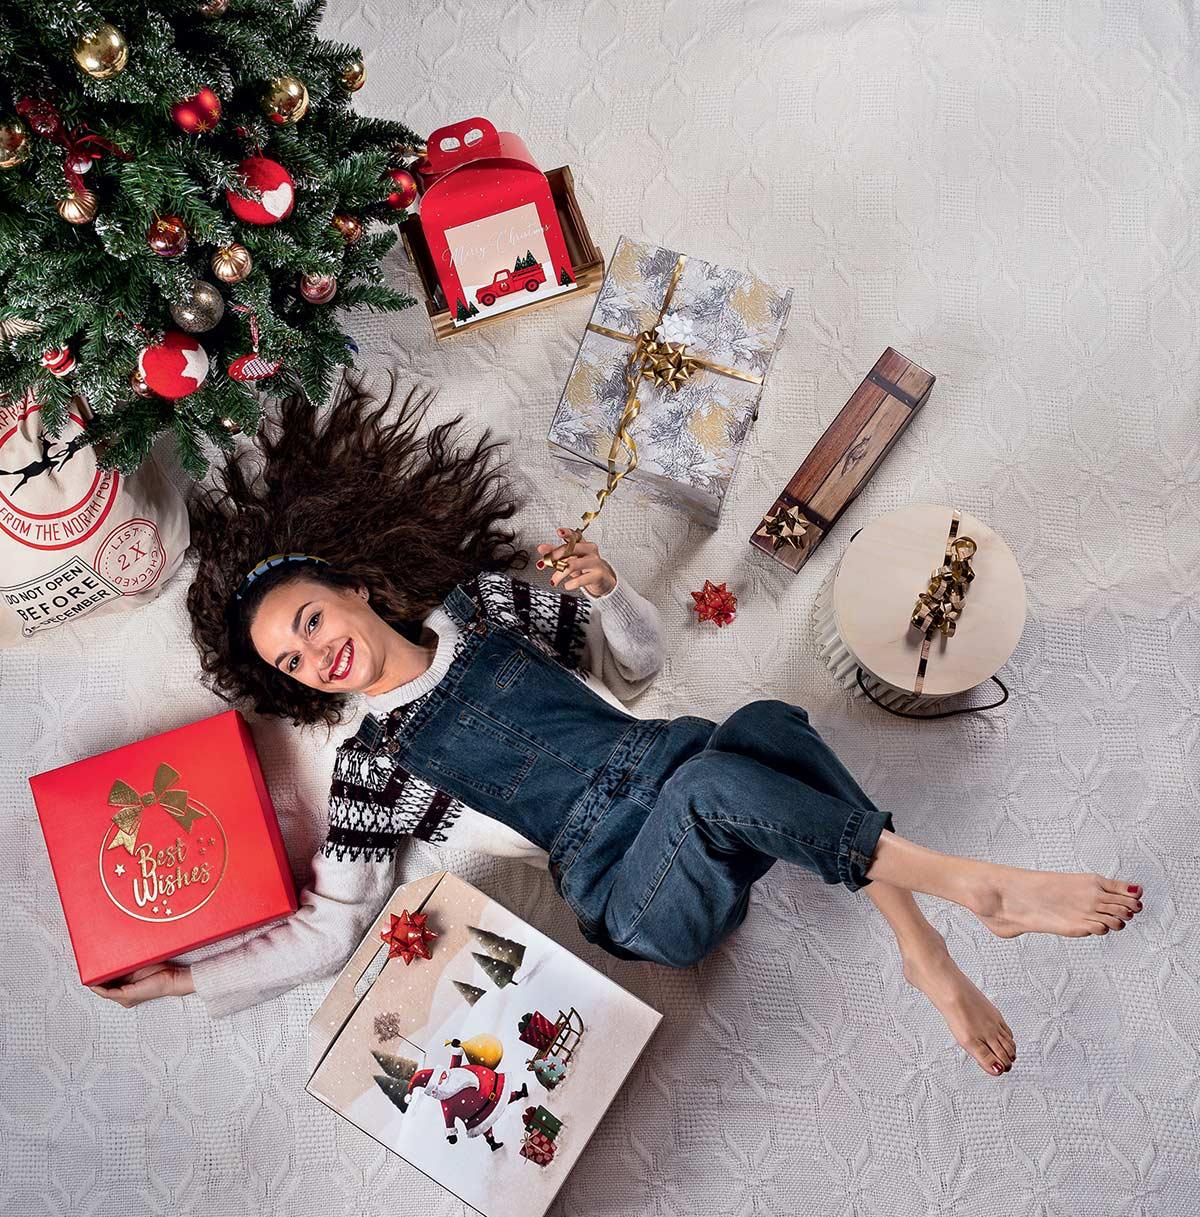 Apriamo I Regali Di Natale.Mercatino Di Natale 2019 Reggio Emilia Christmas Shop Orari E Prodotti